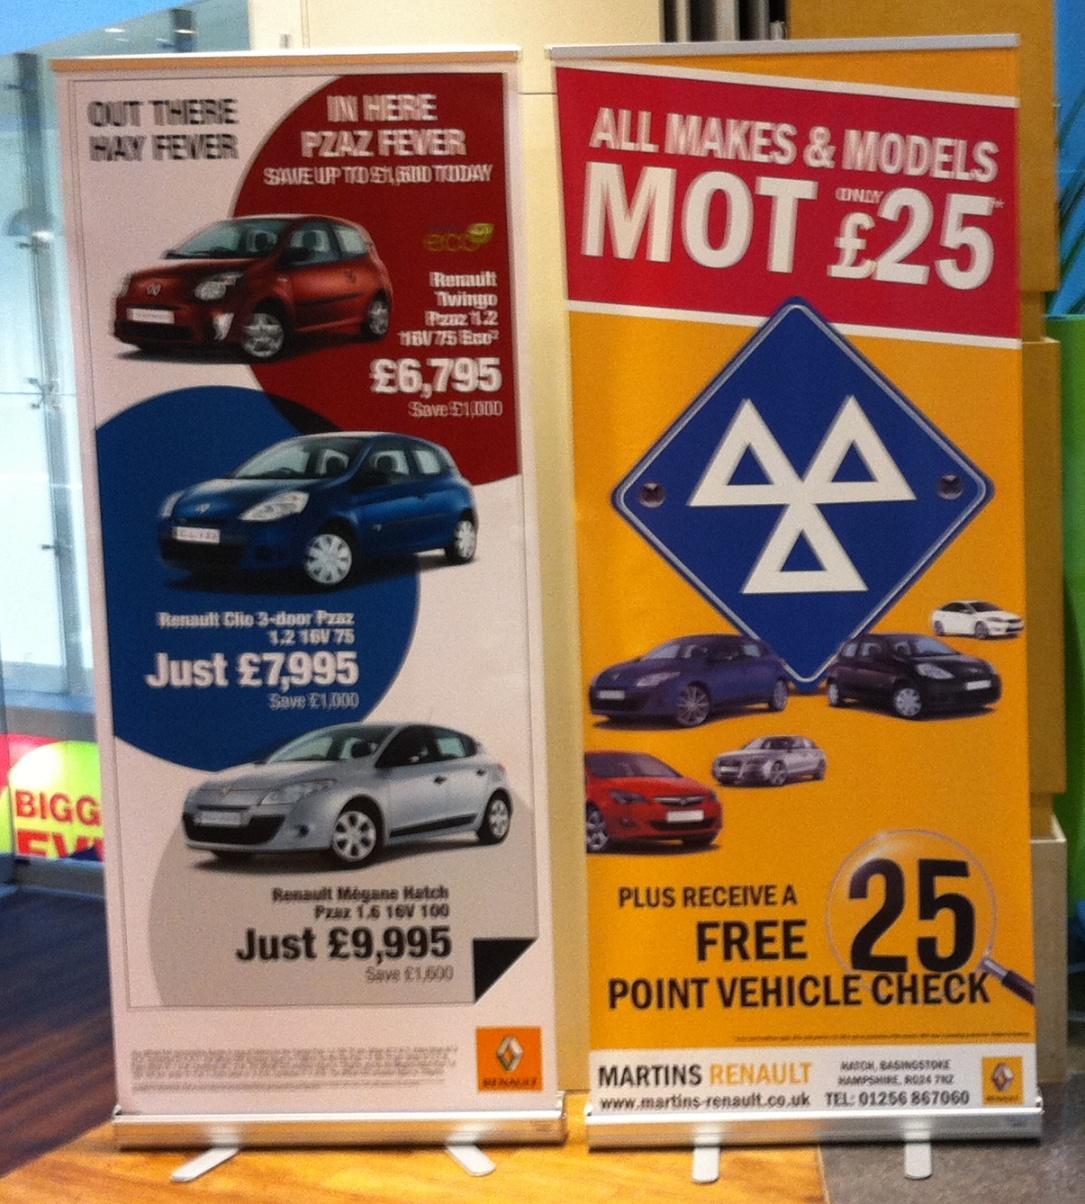 Martins Renault Dealer Promo